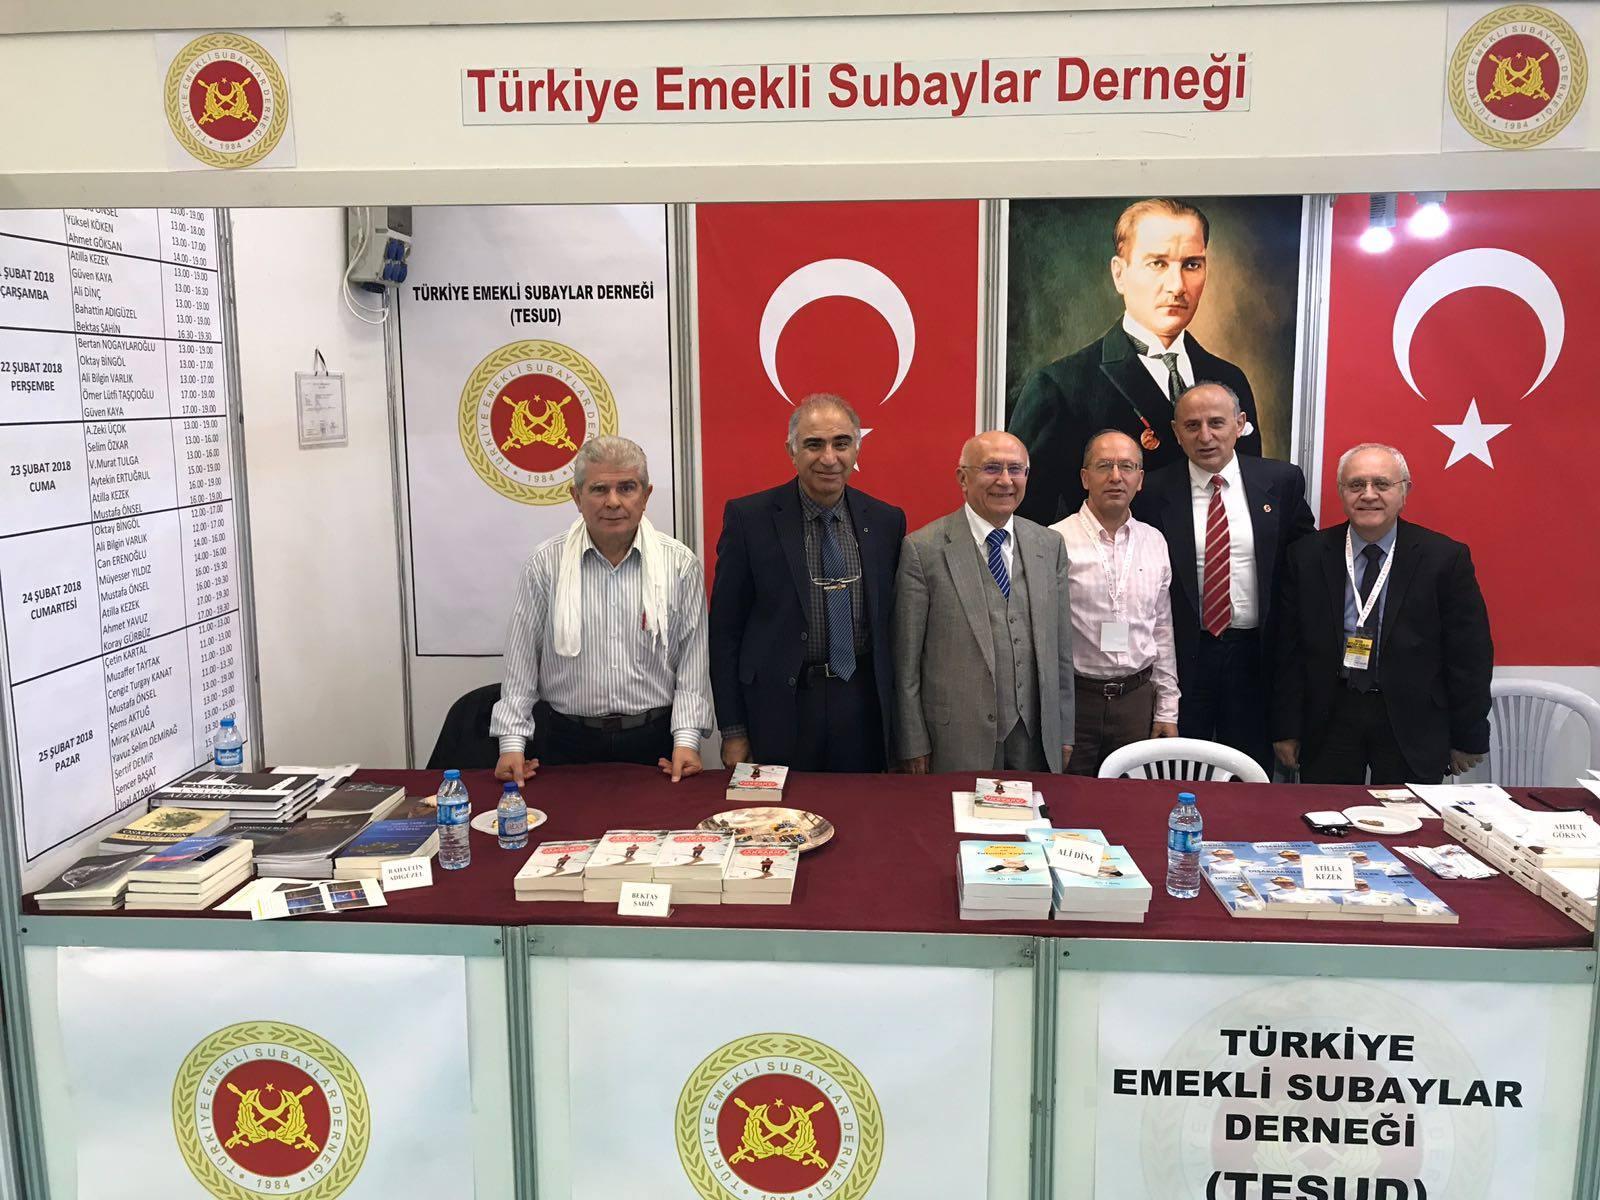 Ankara Kitap Fuarında 6. gün faaliyetleri tamamlanmıştır.